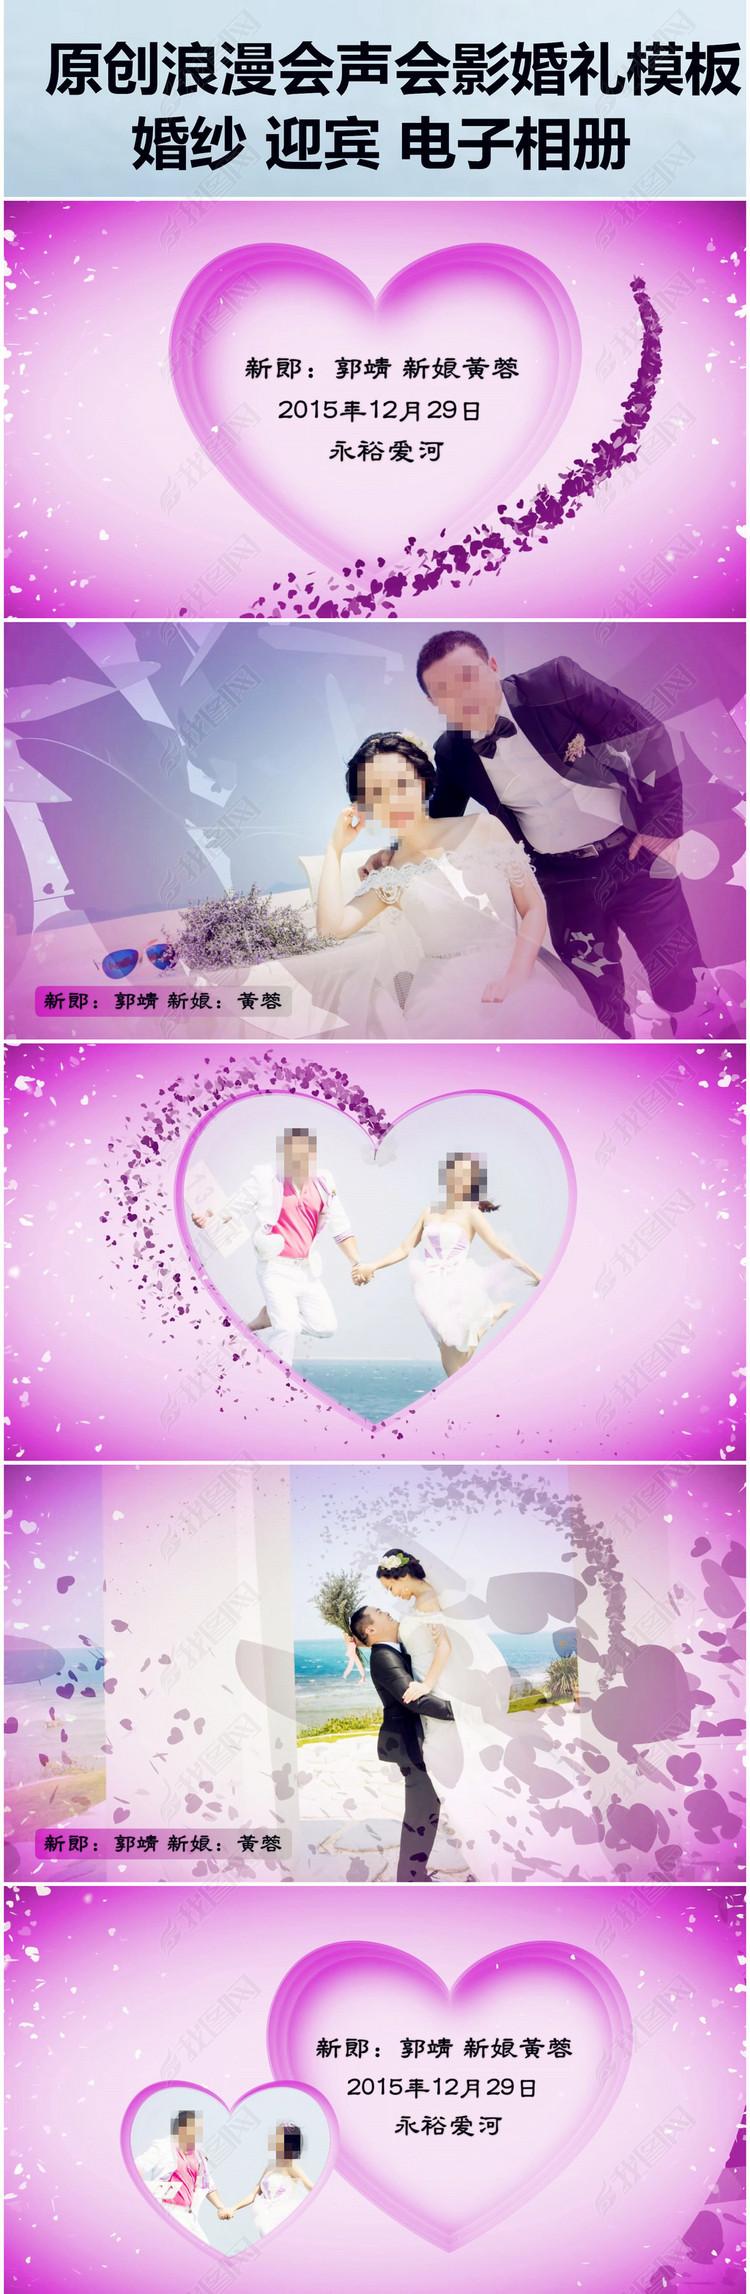 会声会影婚礼视频模板婚纱电子相册模板